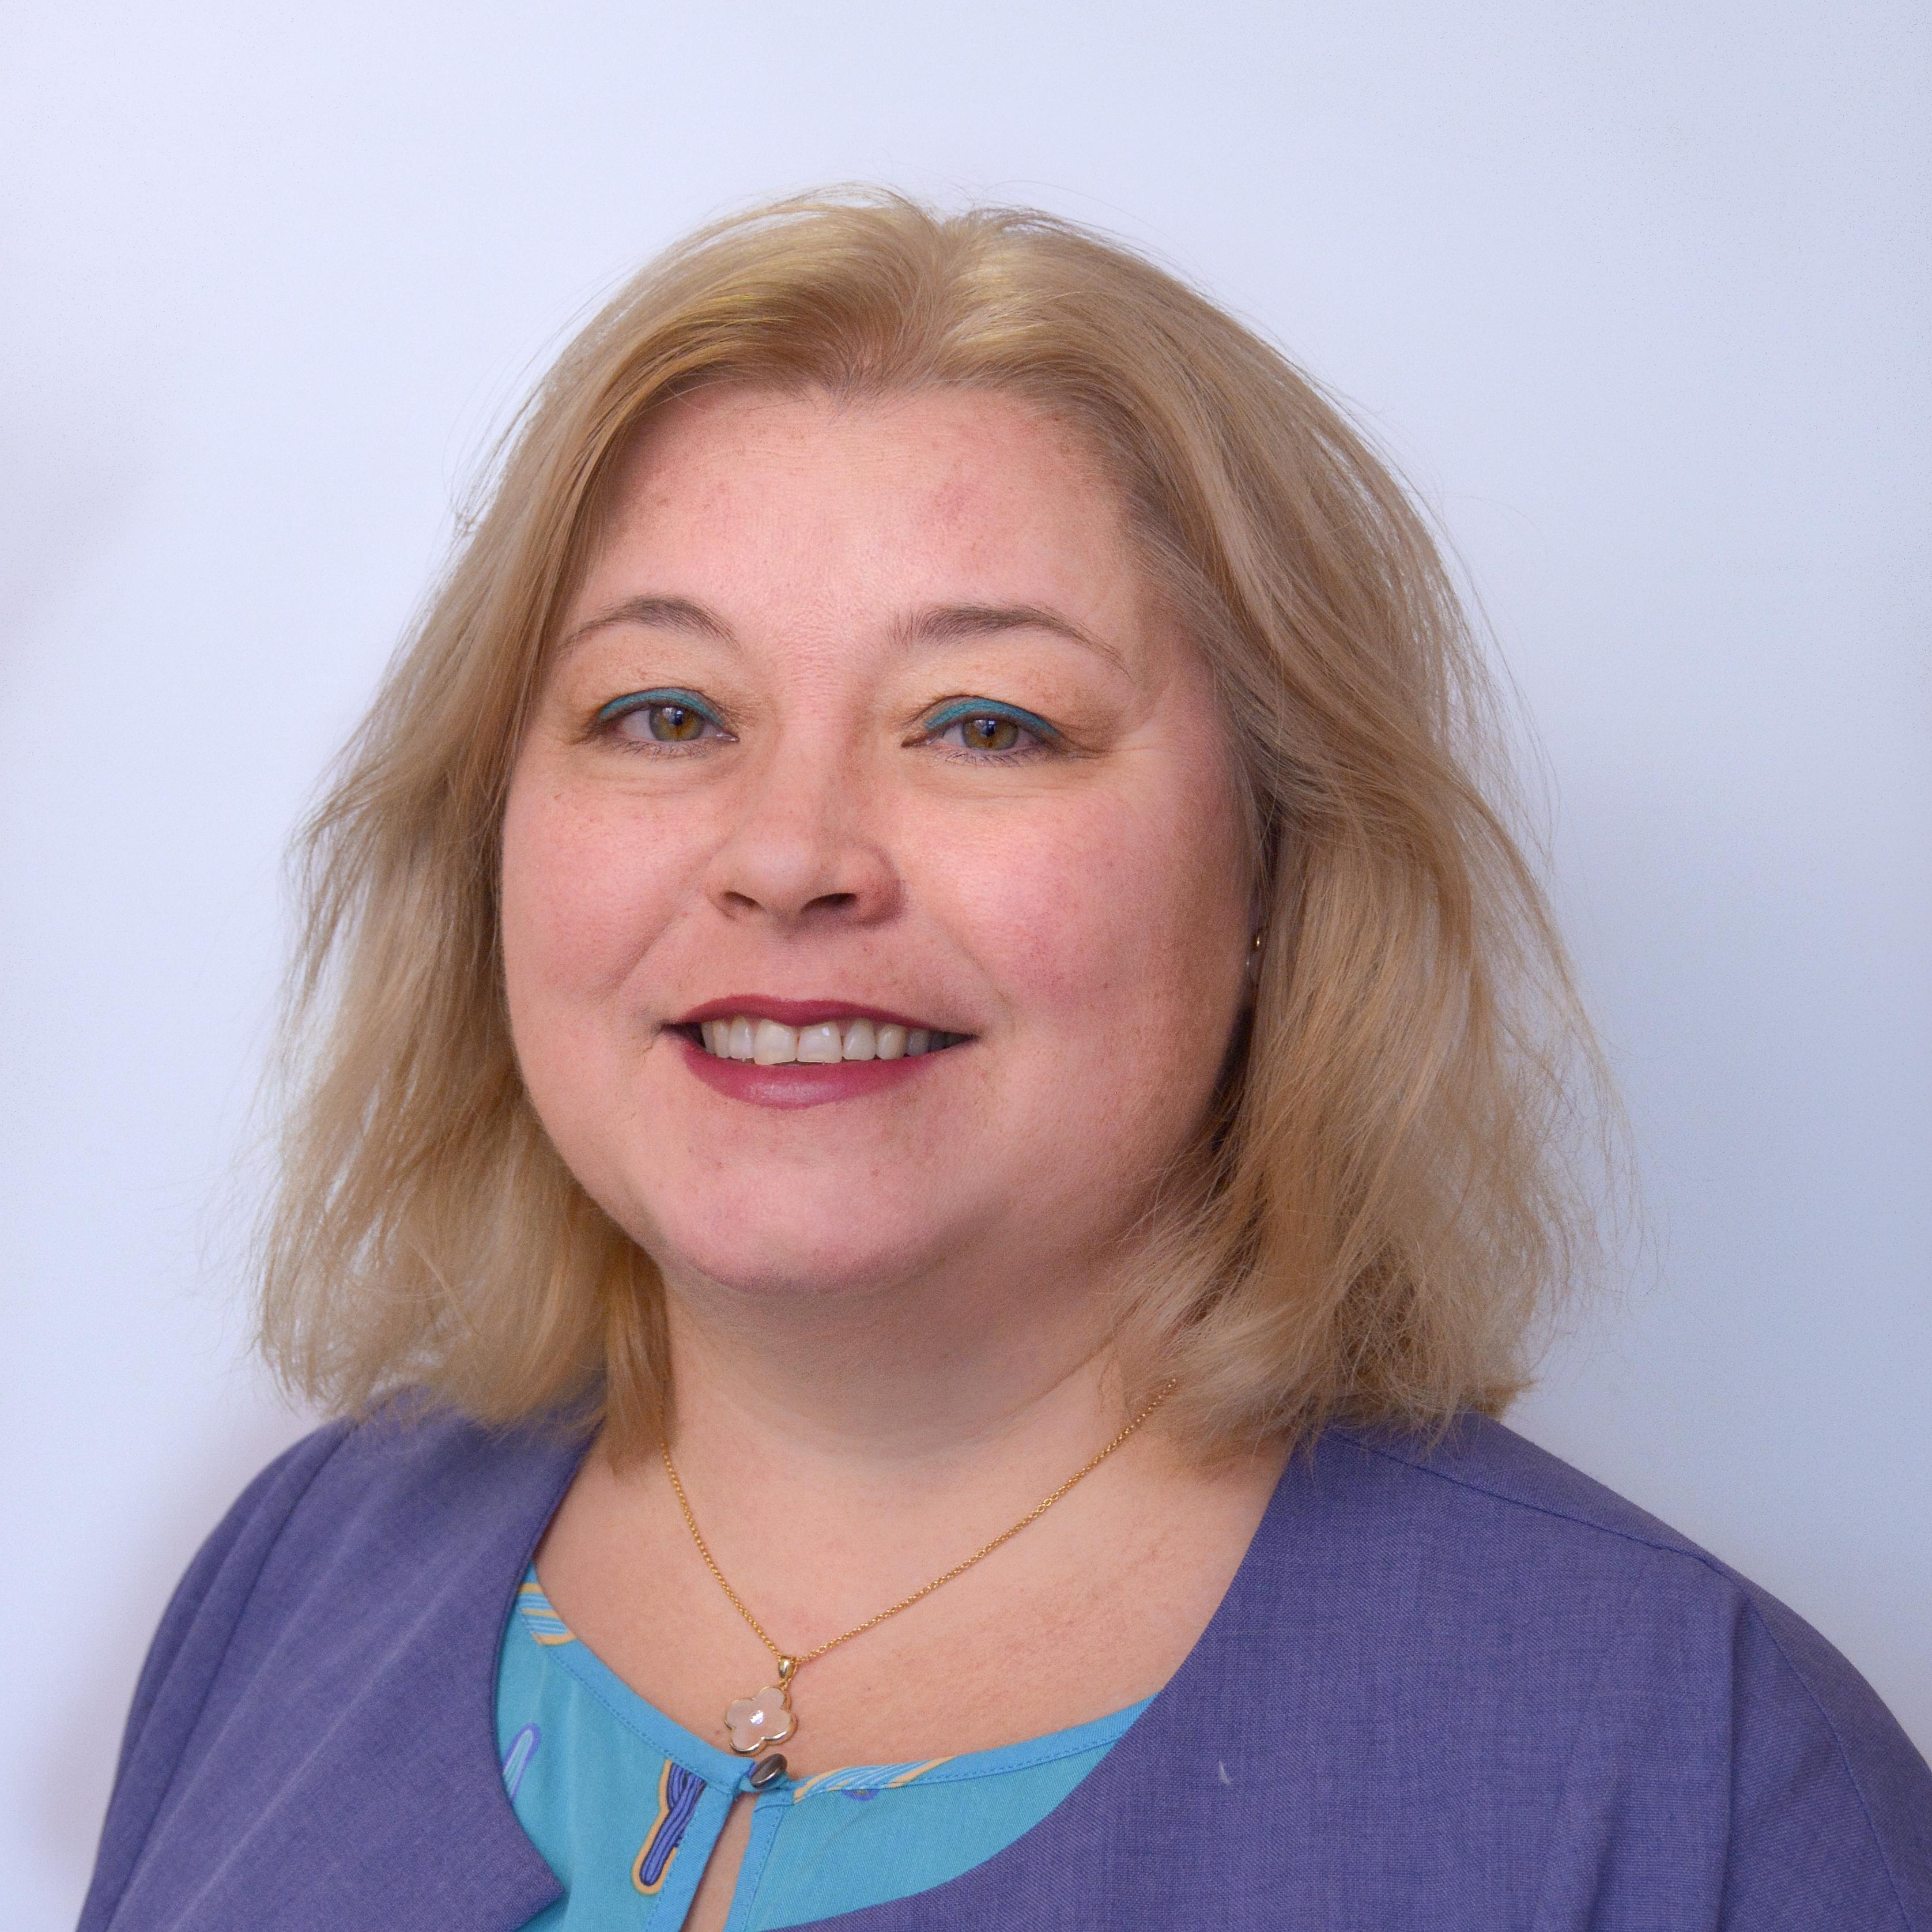 Юдина Елена Юрьевна